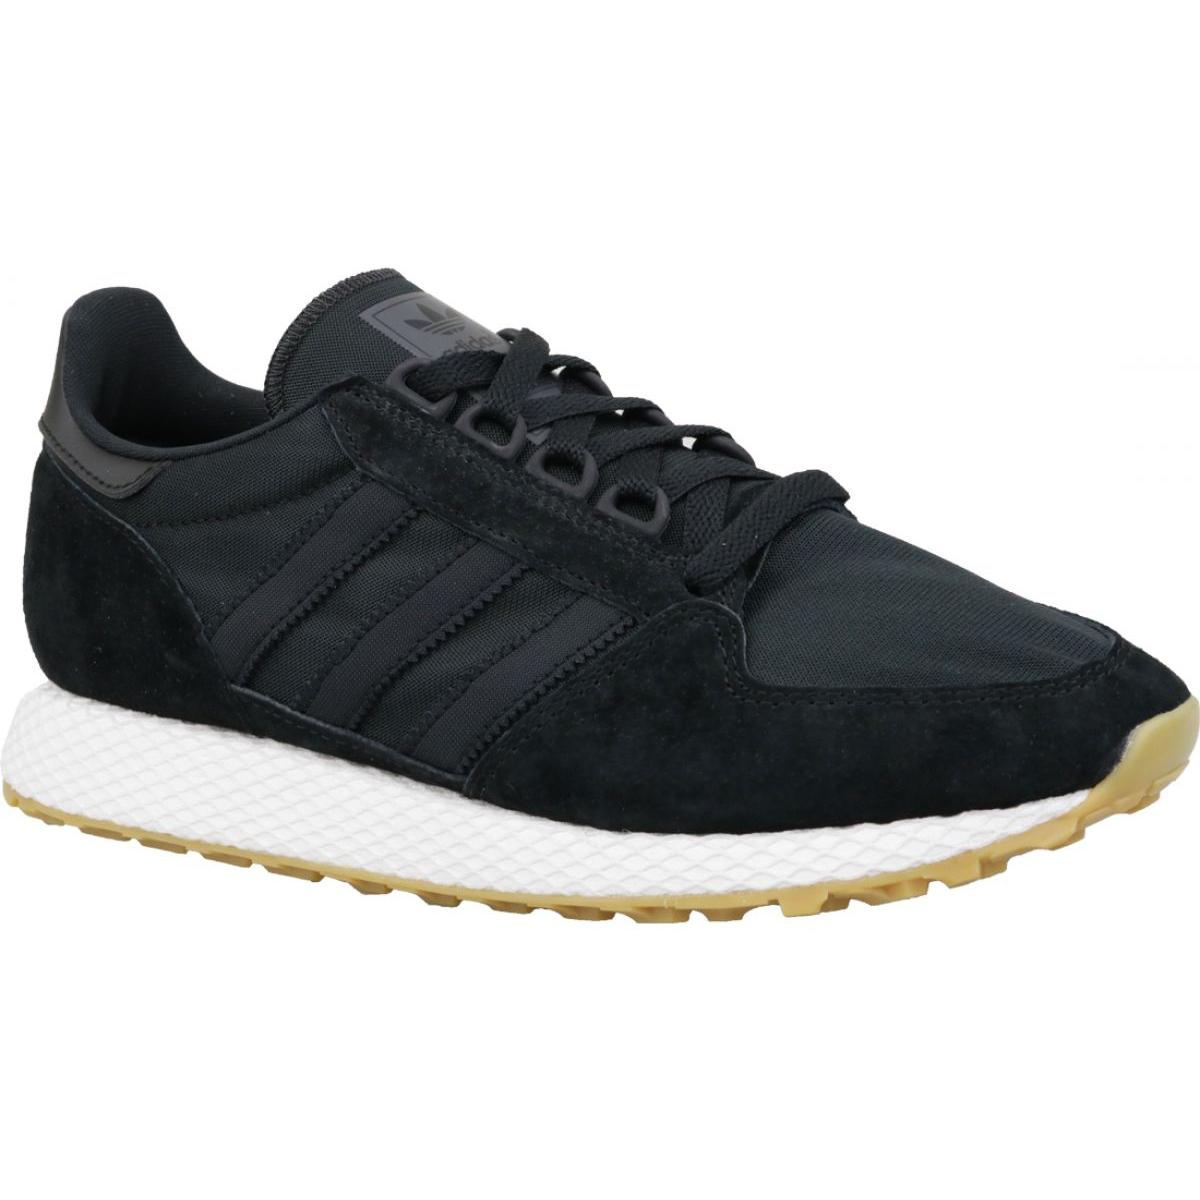 HERREN SCHUHE SNEAKERS Adidas Originals Forest Grove [Cg5674